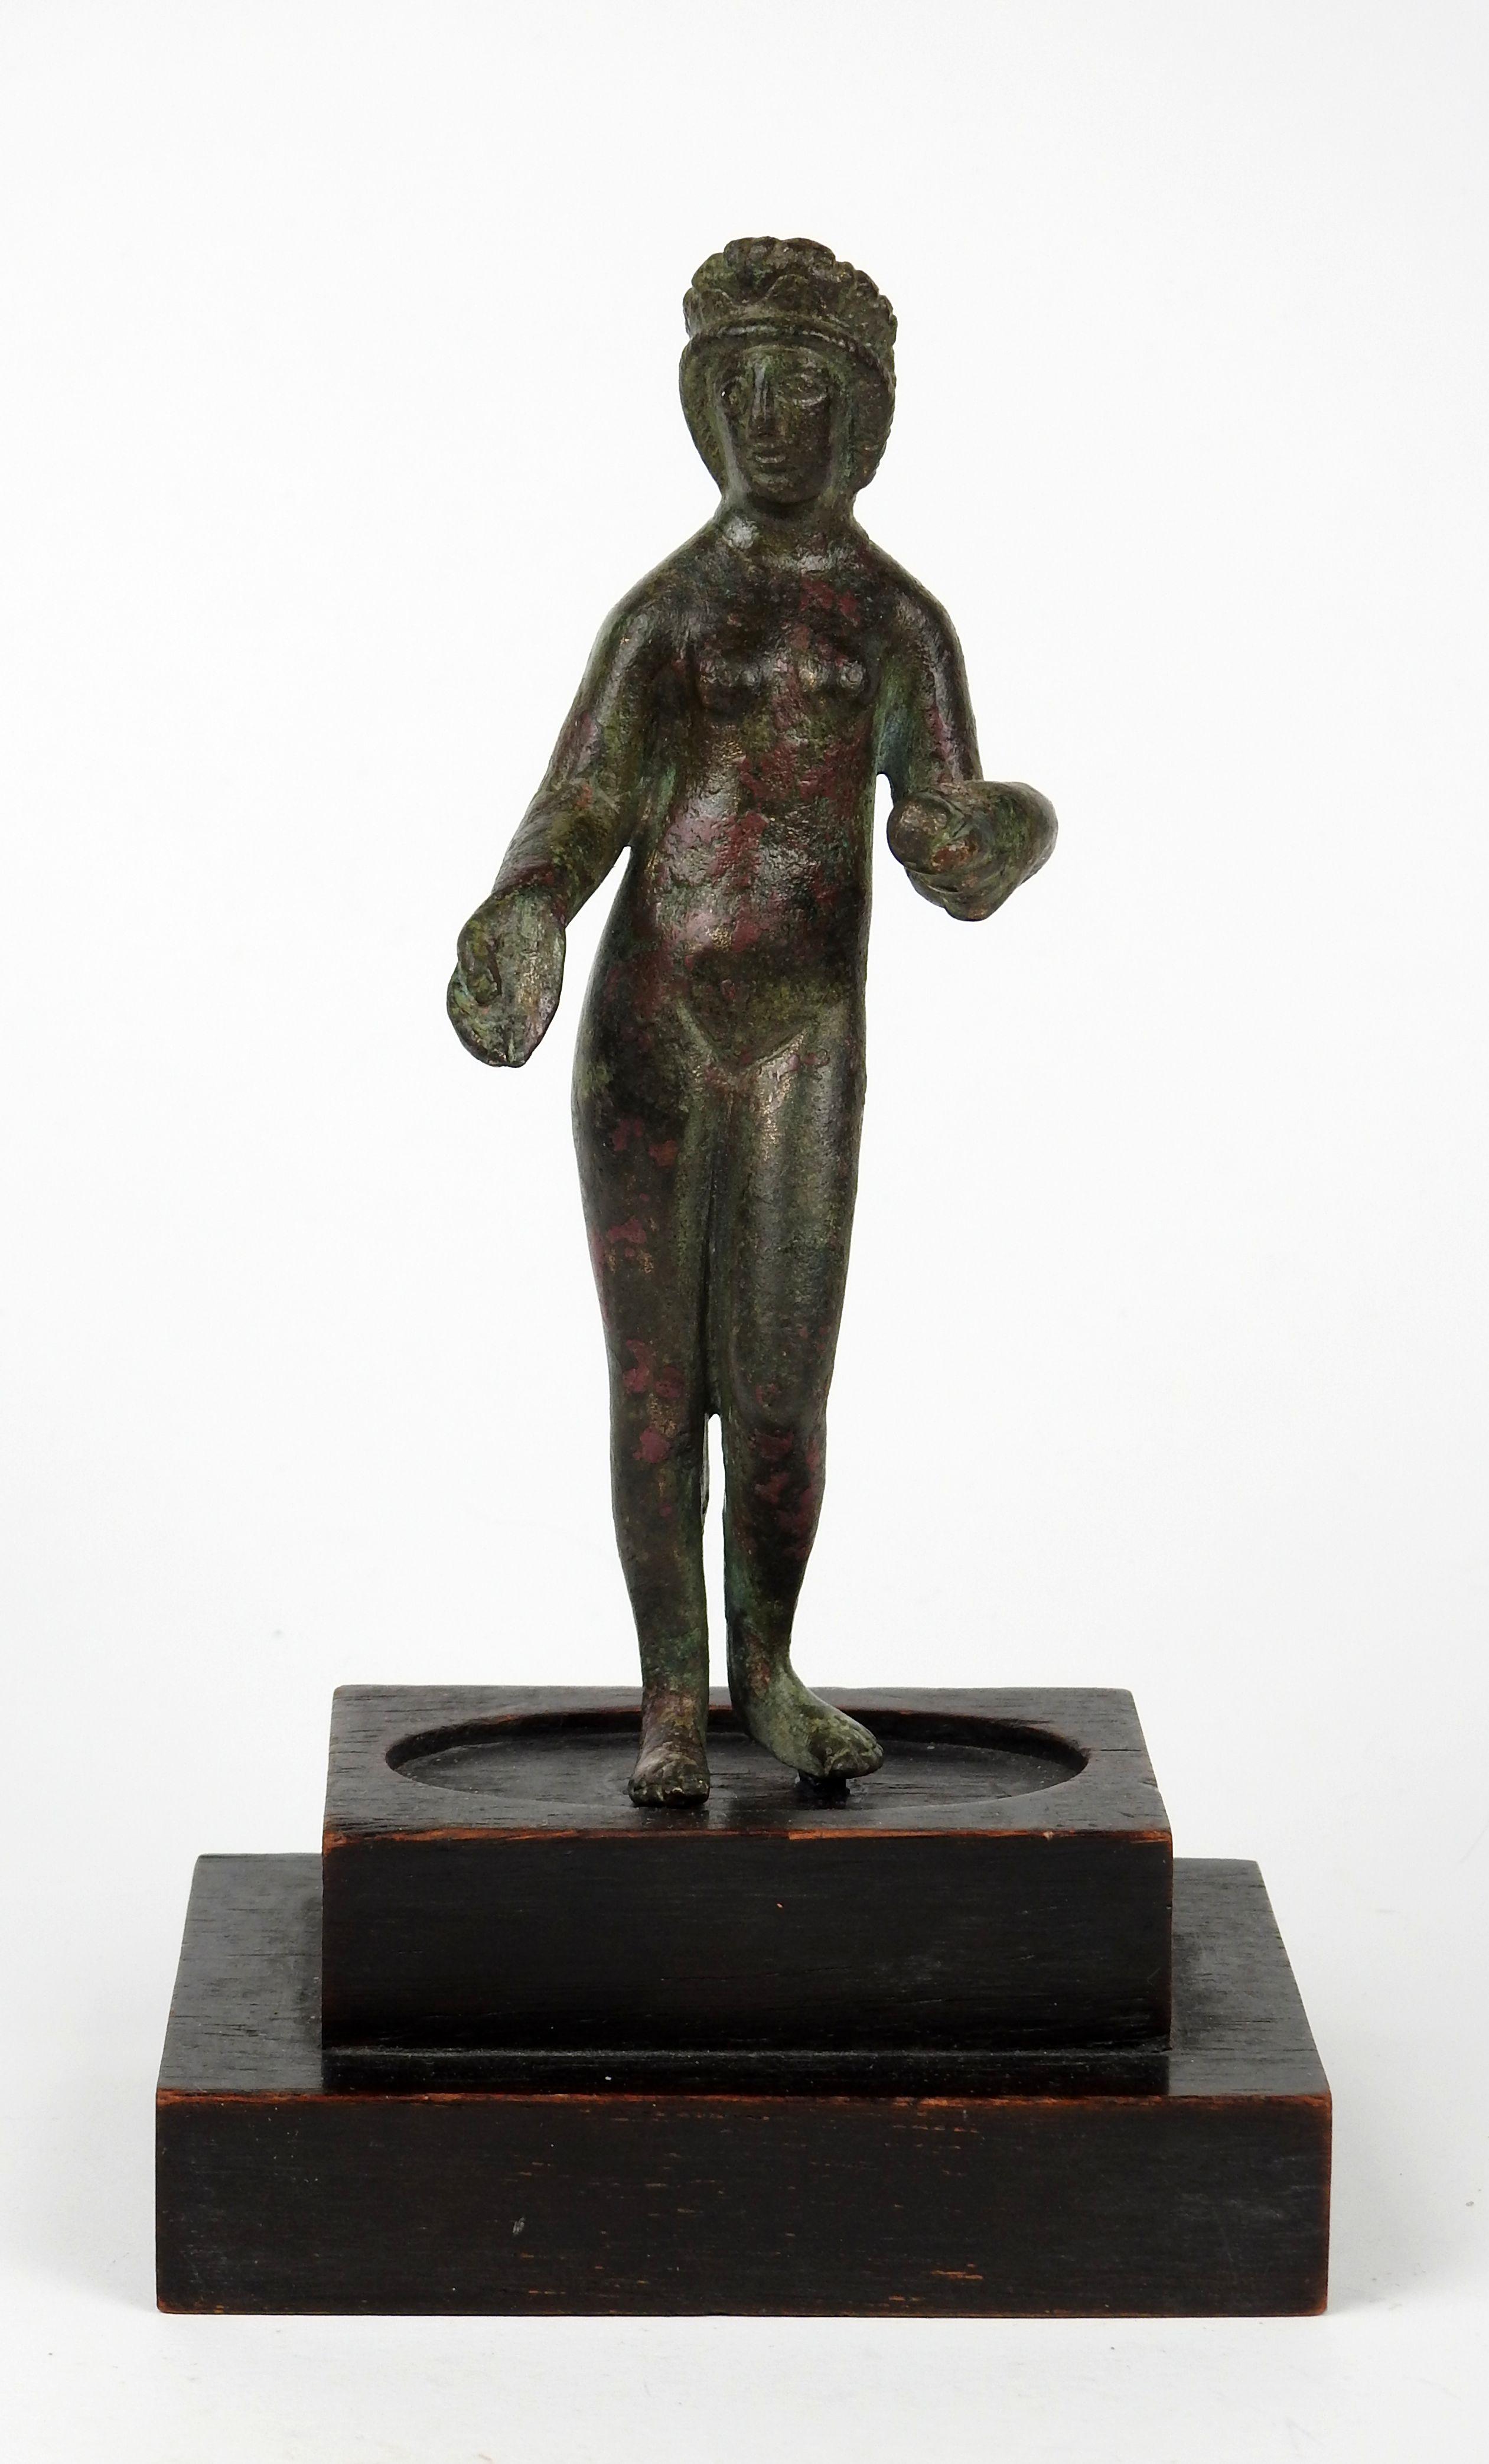 Vente Archéologie Méditerranéenne, Préhistoire, Collections de bagues et de sceaux, Asie … chez Vermot et Associés : 400 lots